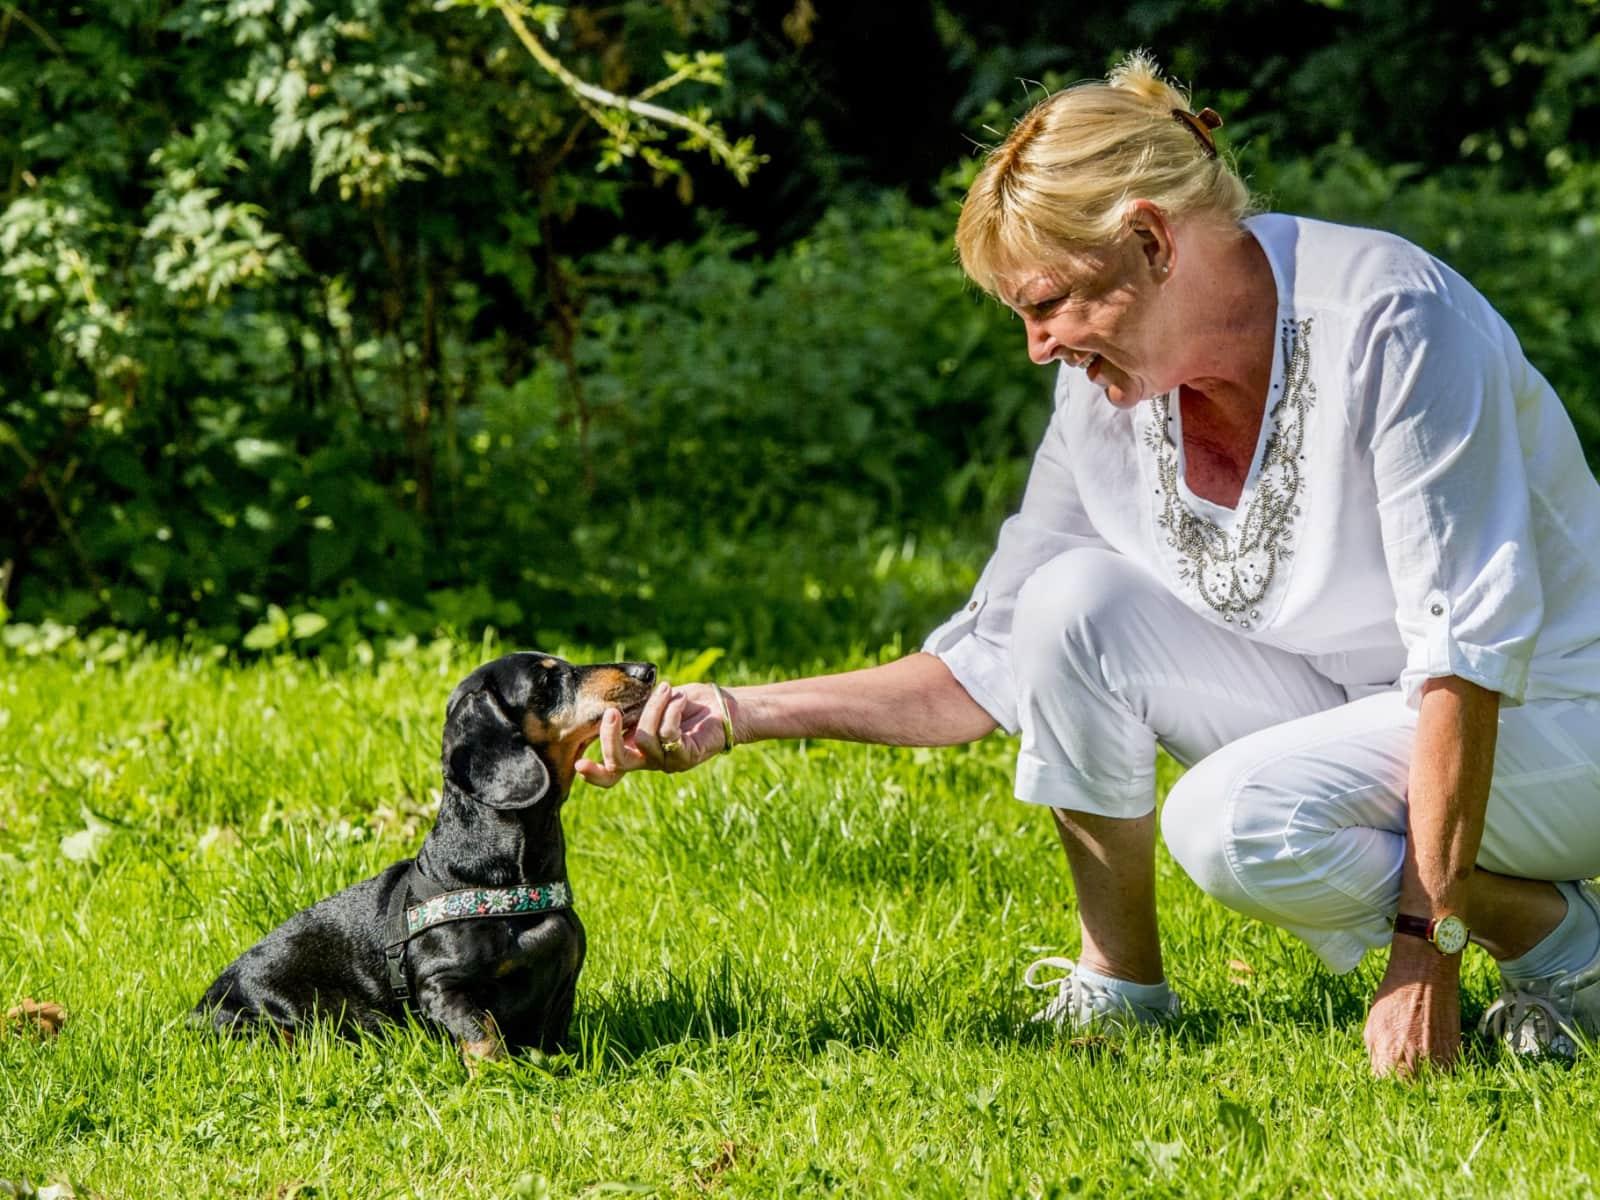 Mieke & Bernhard from Arbon, Switzerland